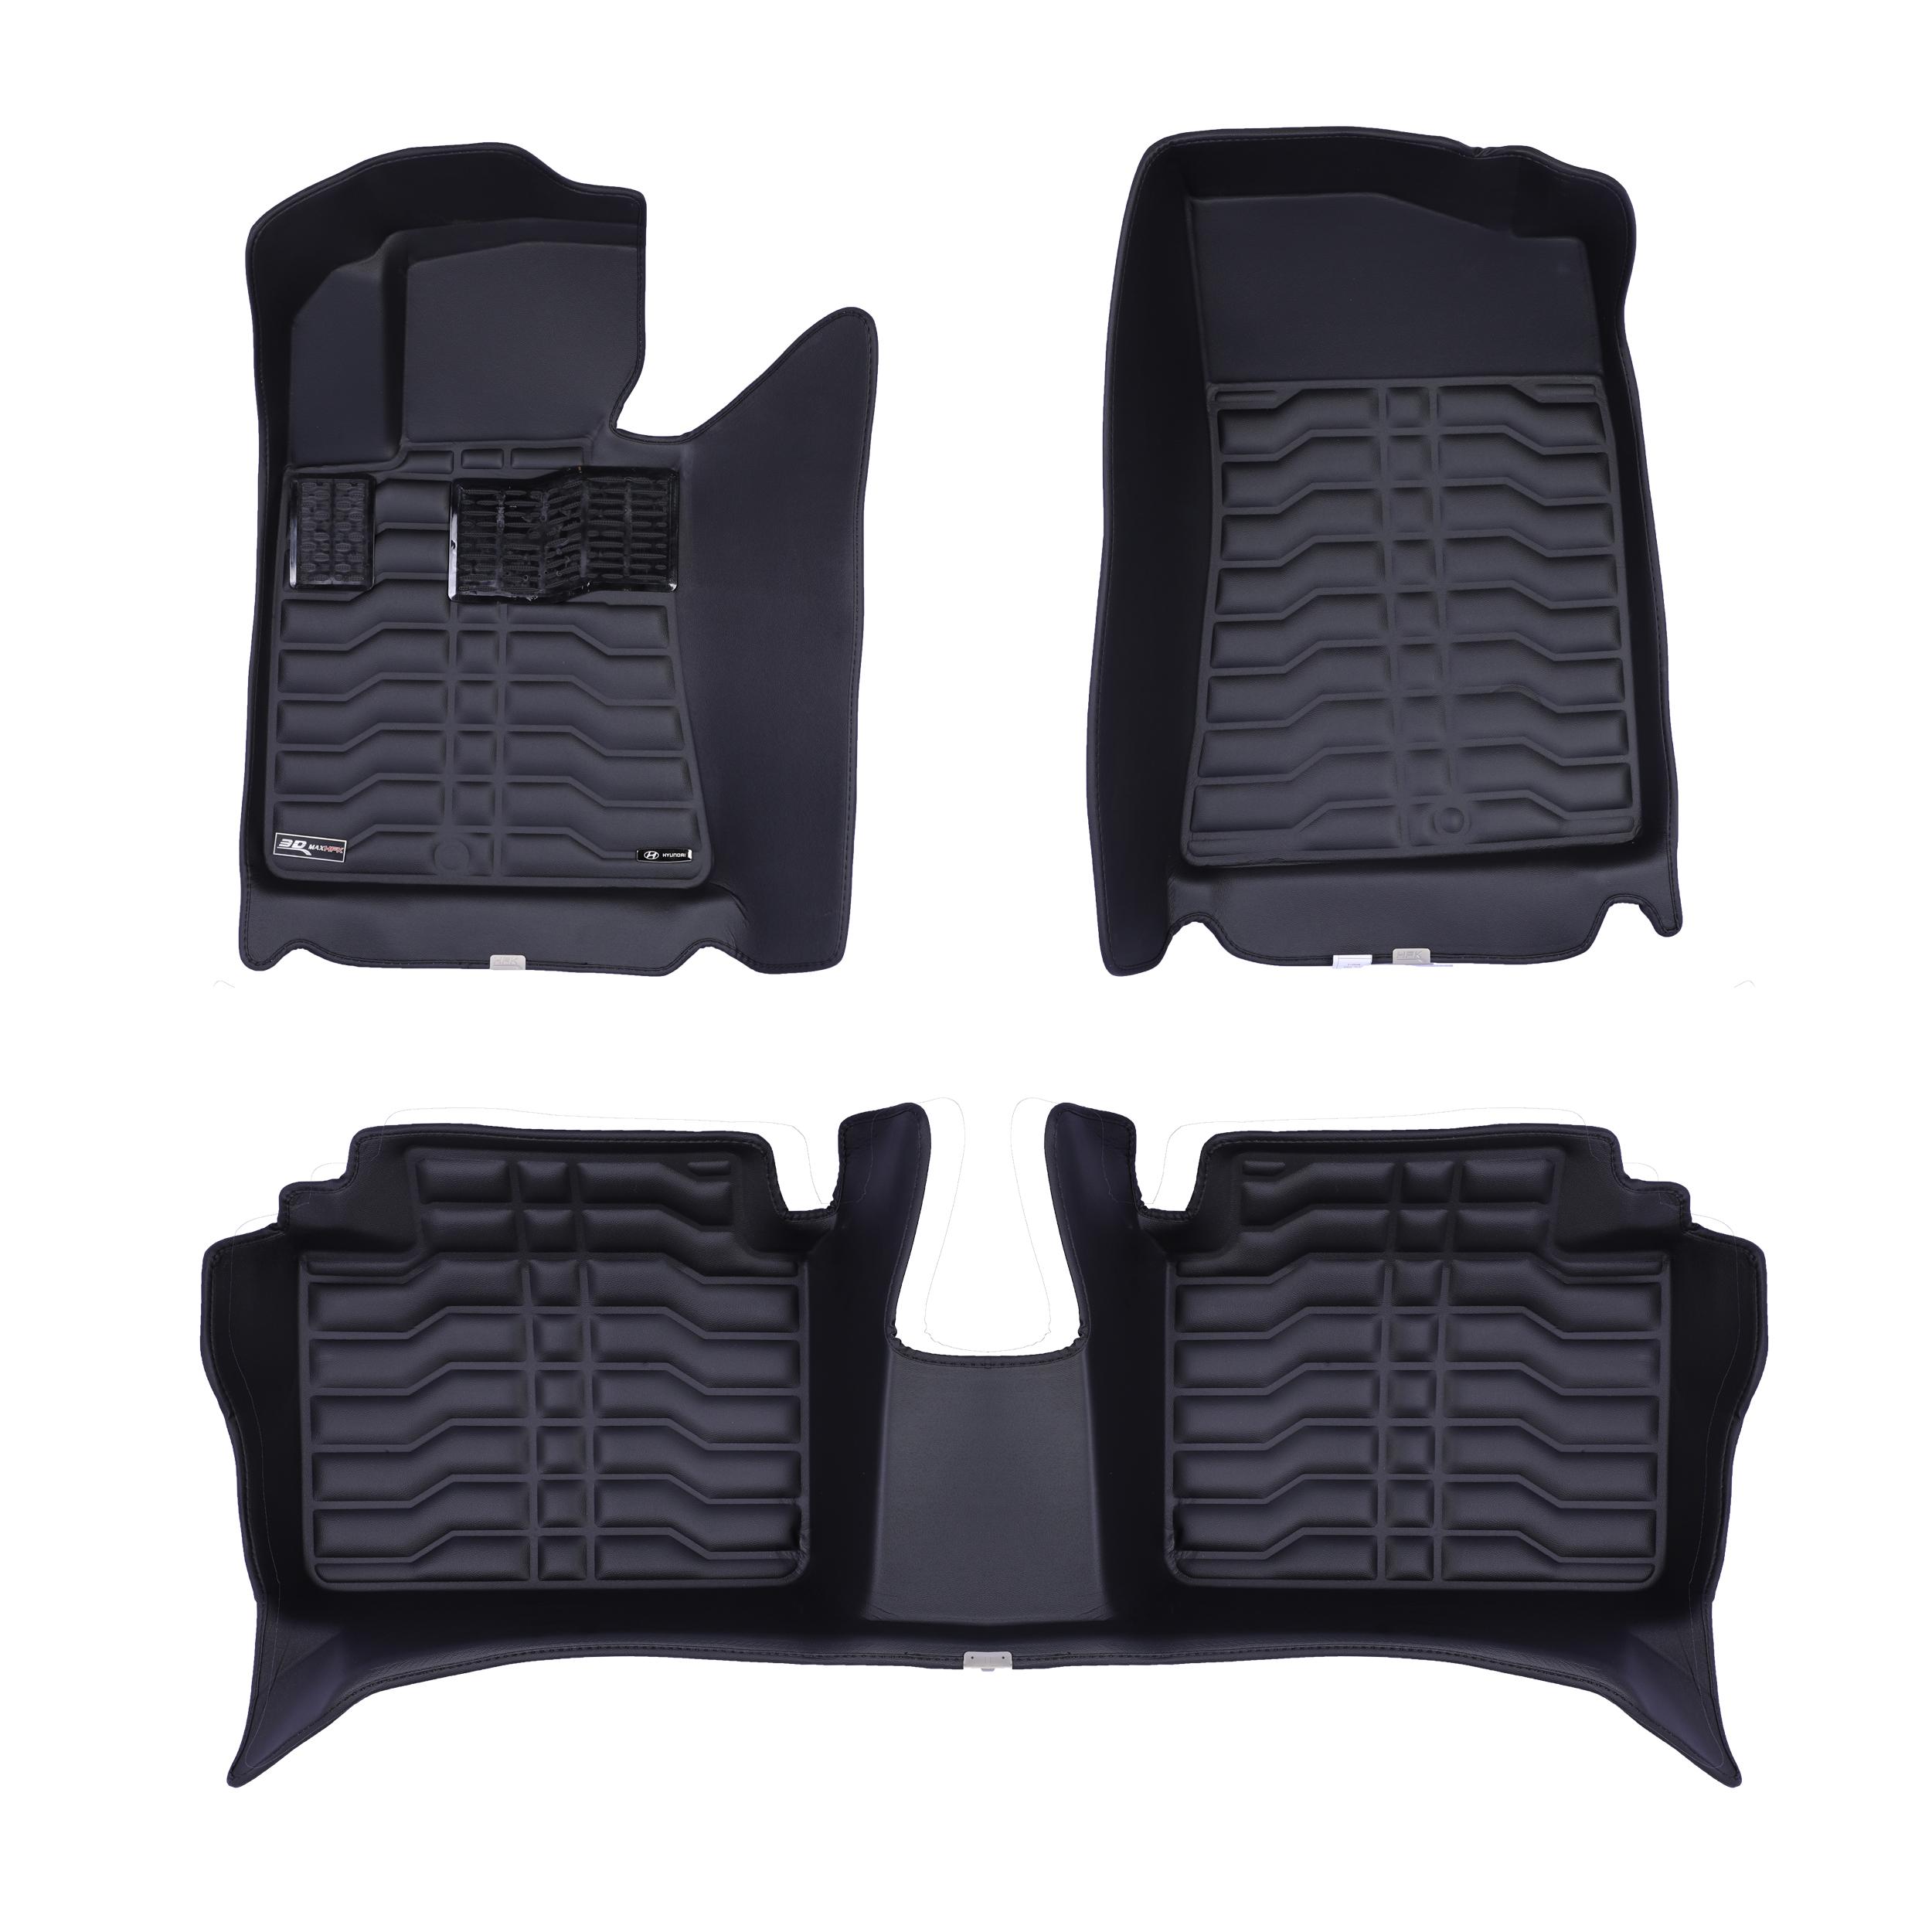 کفپوش سه بعدی خودرو تری دی مکس اچ اف کی مدل HS1125452 مناسب برای جنسیس سدان